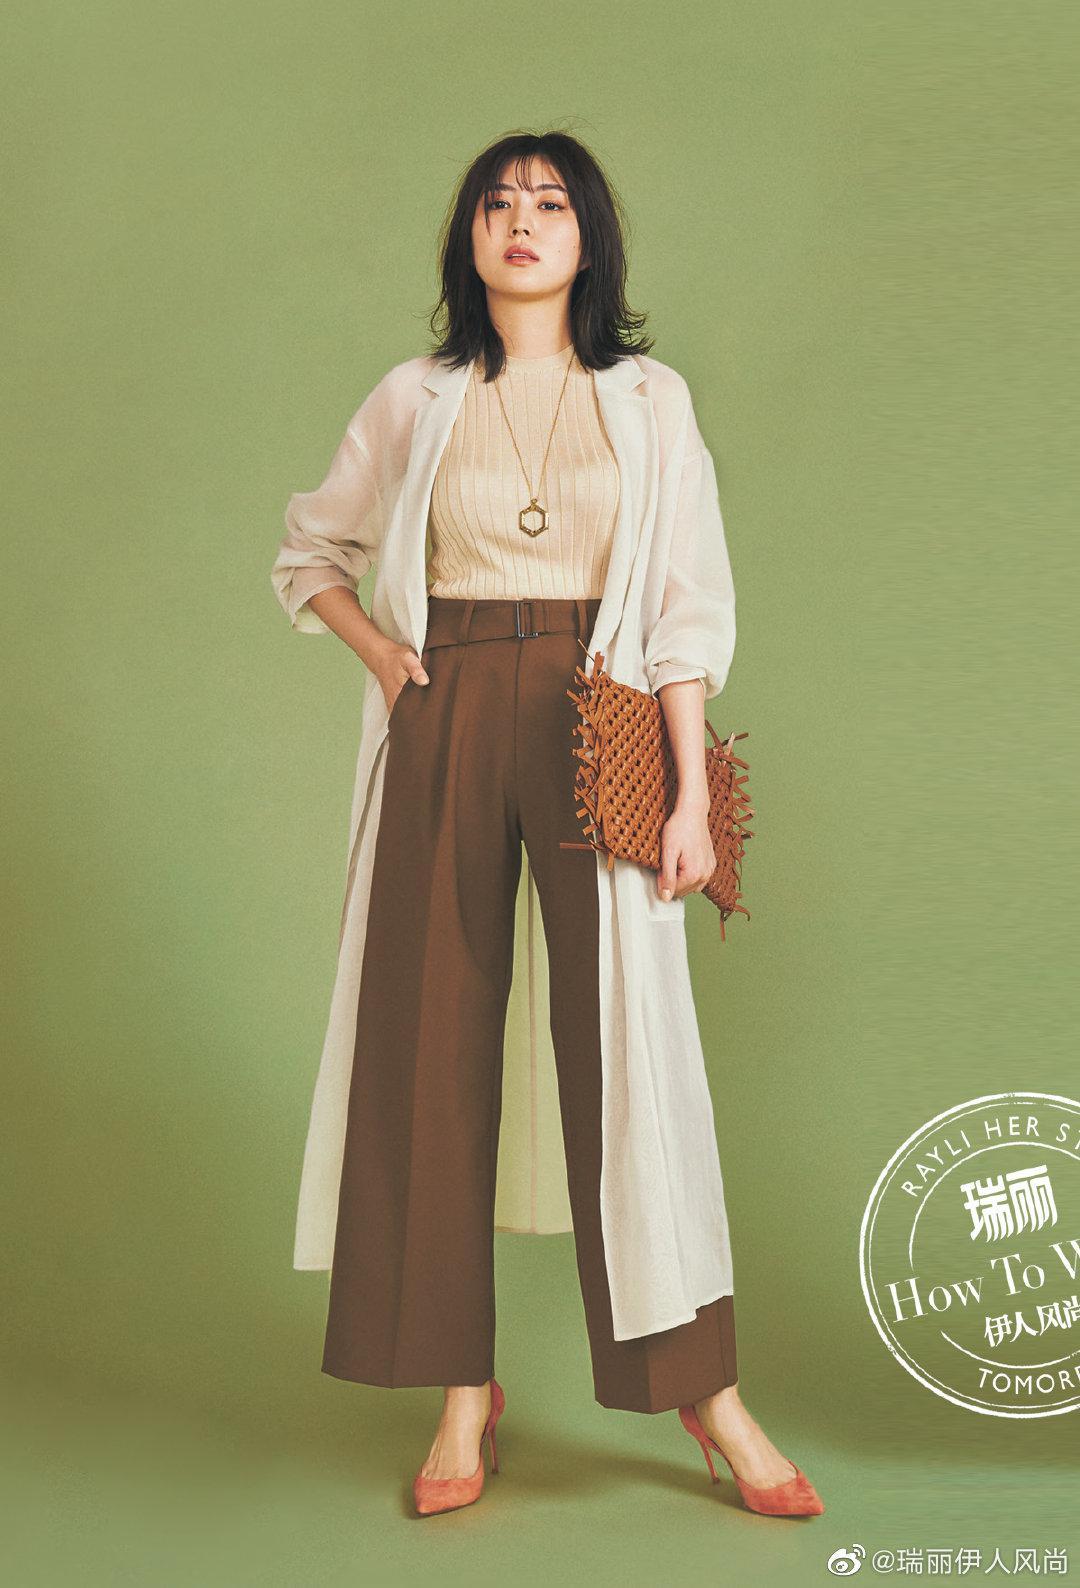 棕色阔腿长裤时髦高级,搭配同色系无袖针织衫和长款开衫外套……